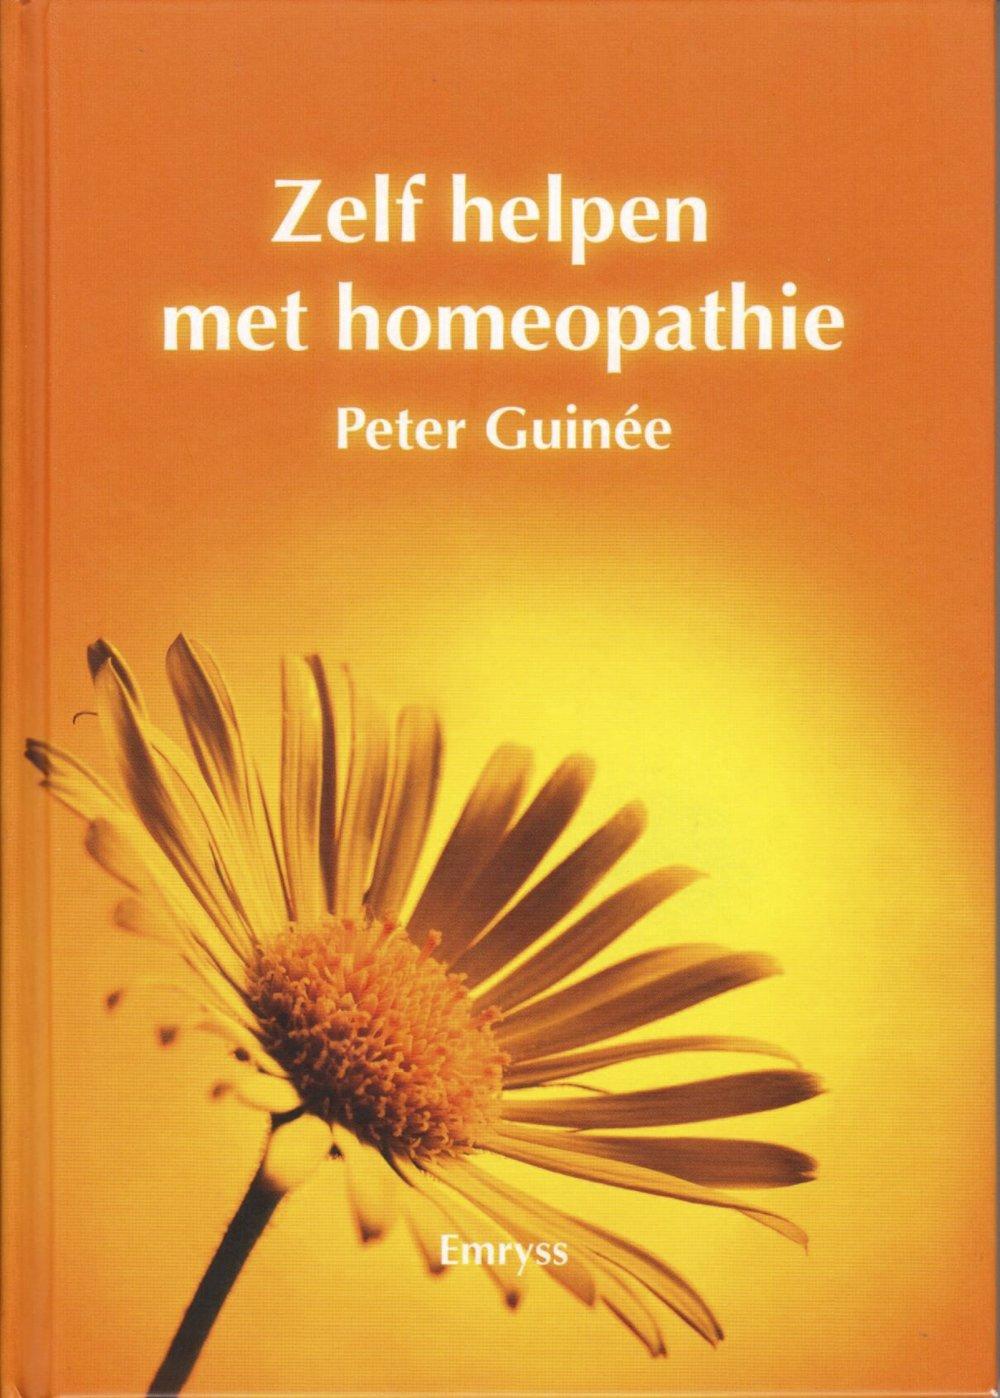 Zelf helpen met homeopathie.jpg